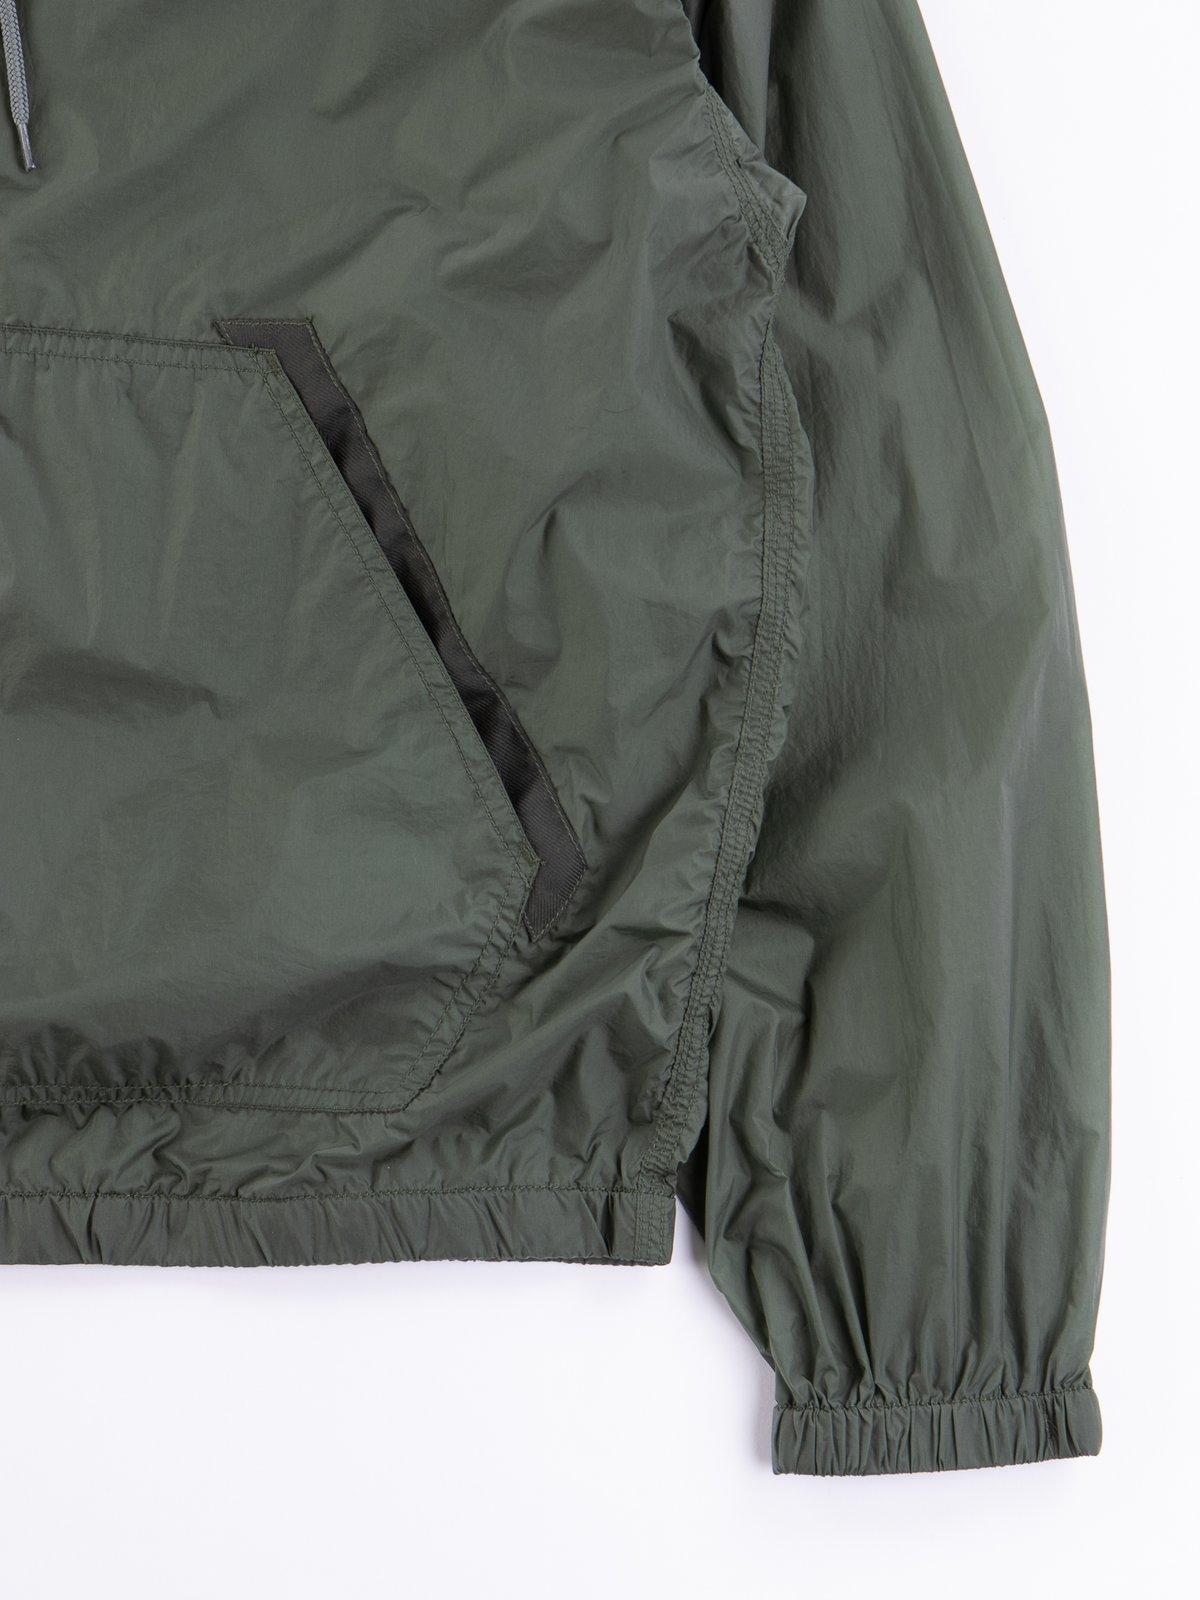 Khaki Packable Cruiser Jacket - Image 4